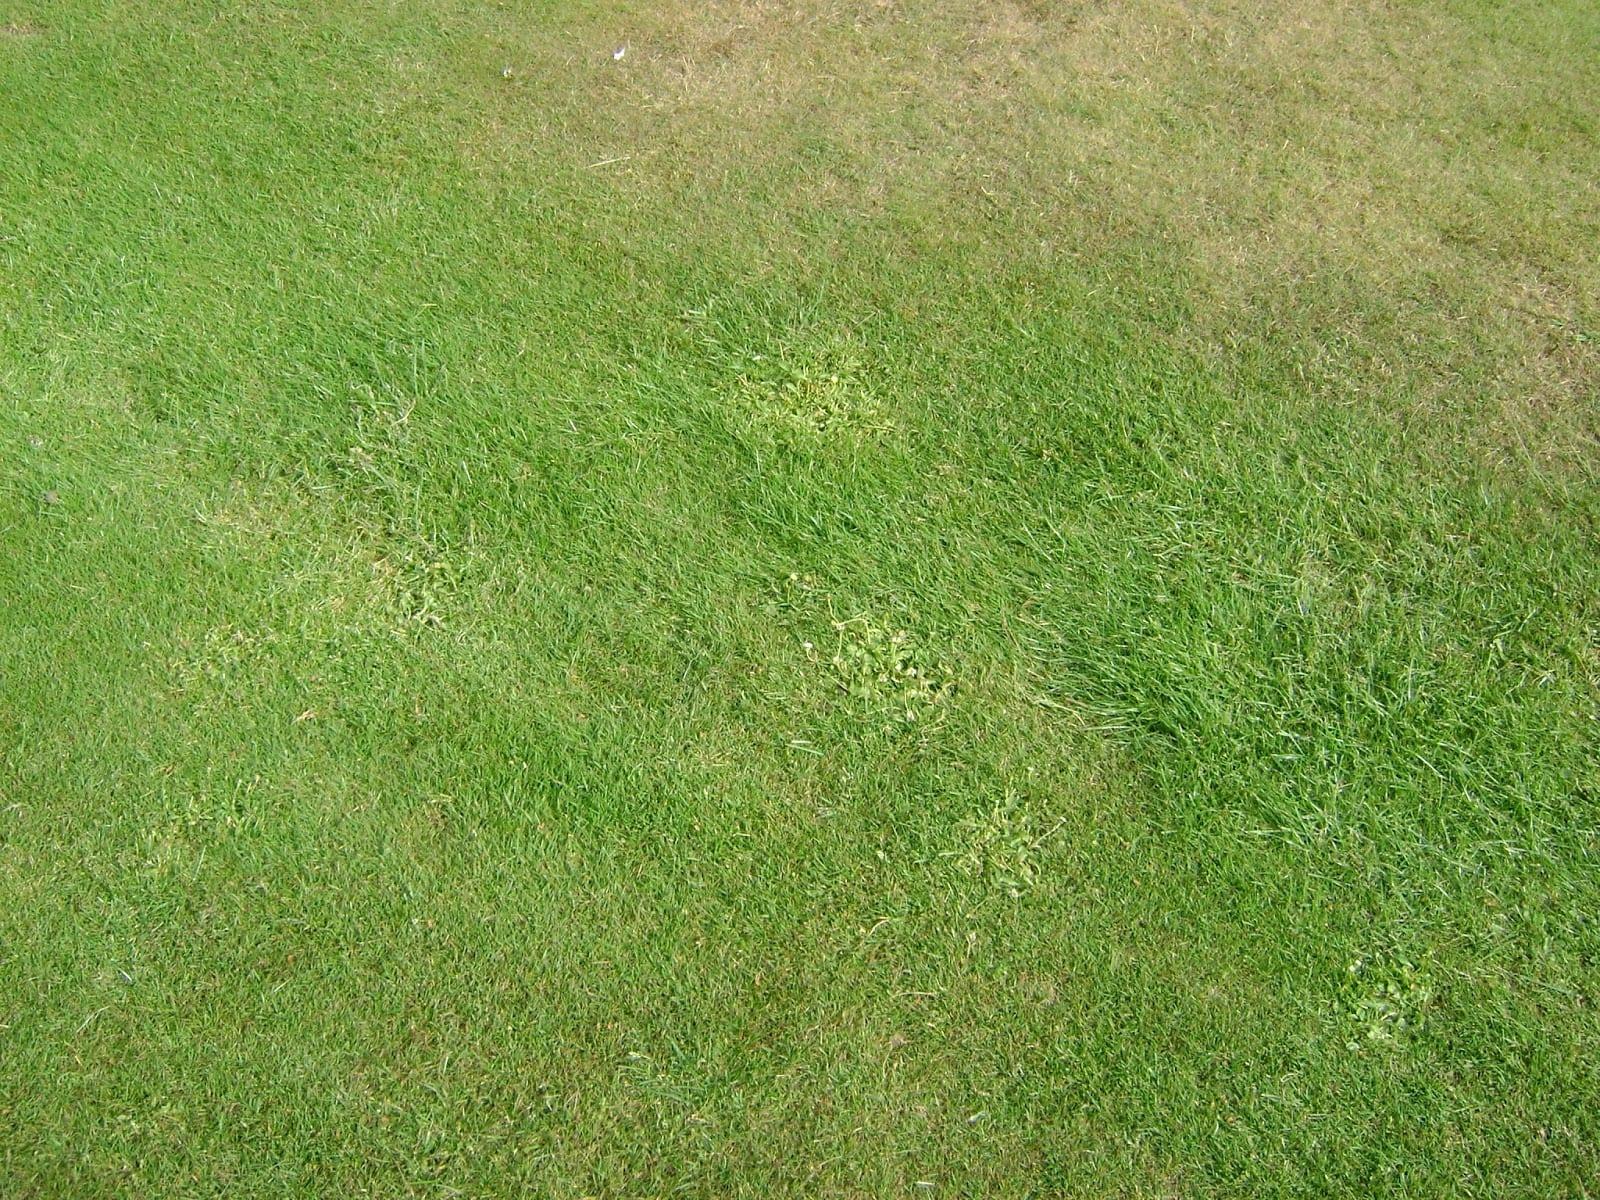 Bahia Grass Lawn